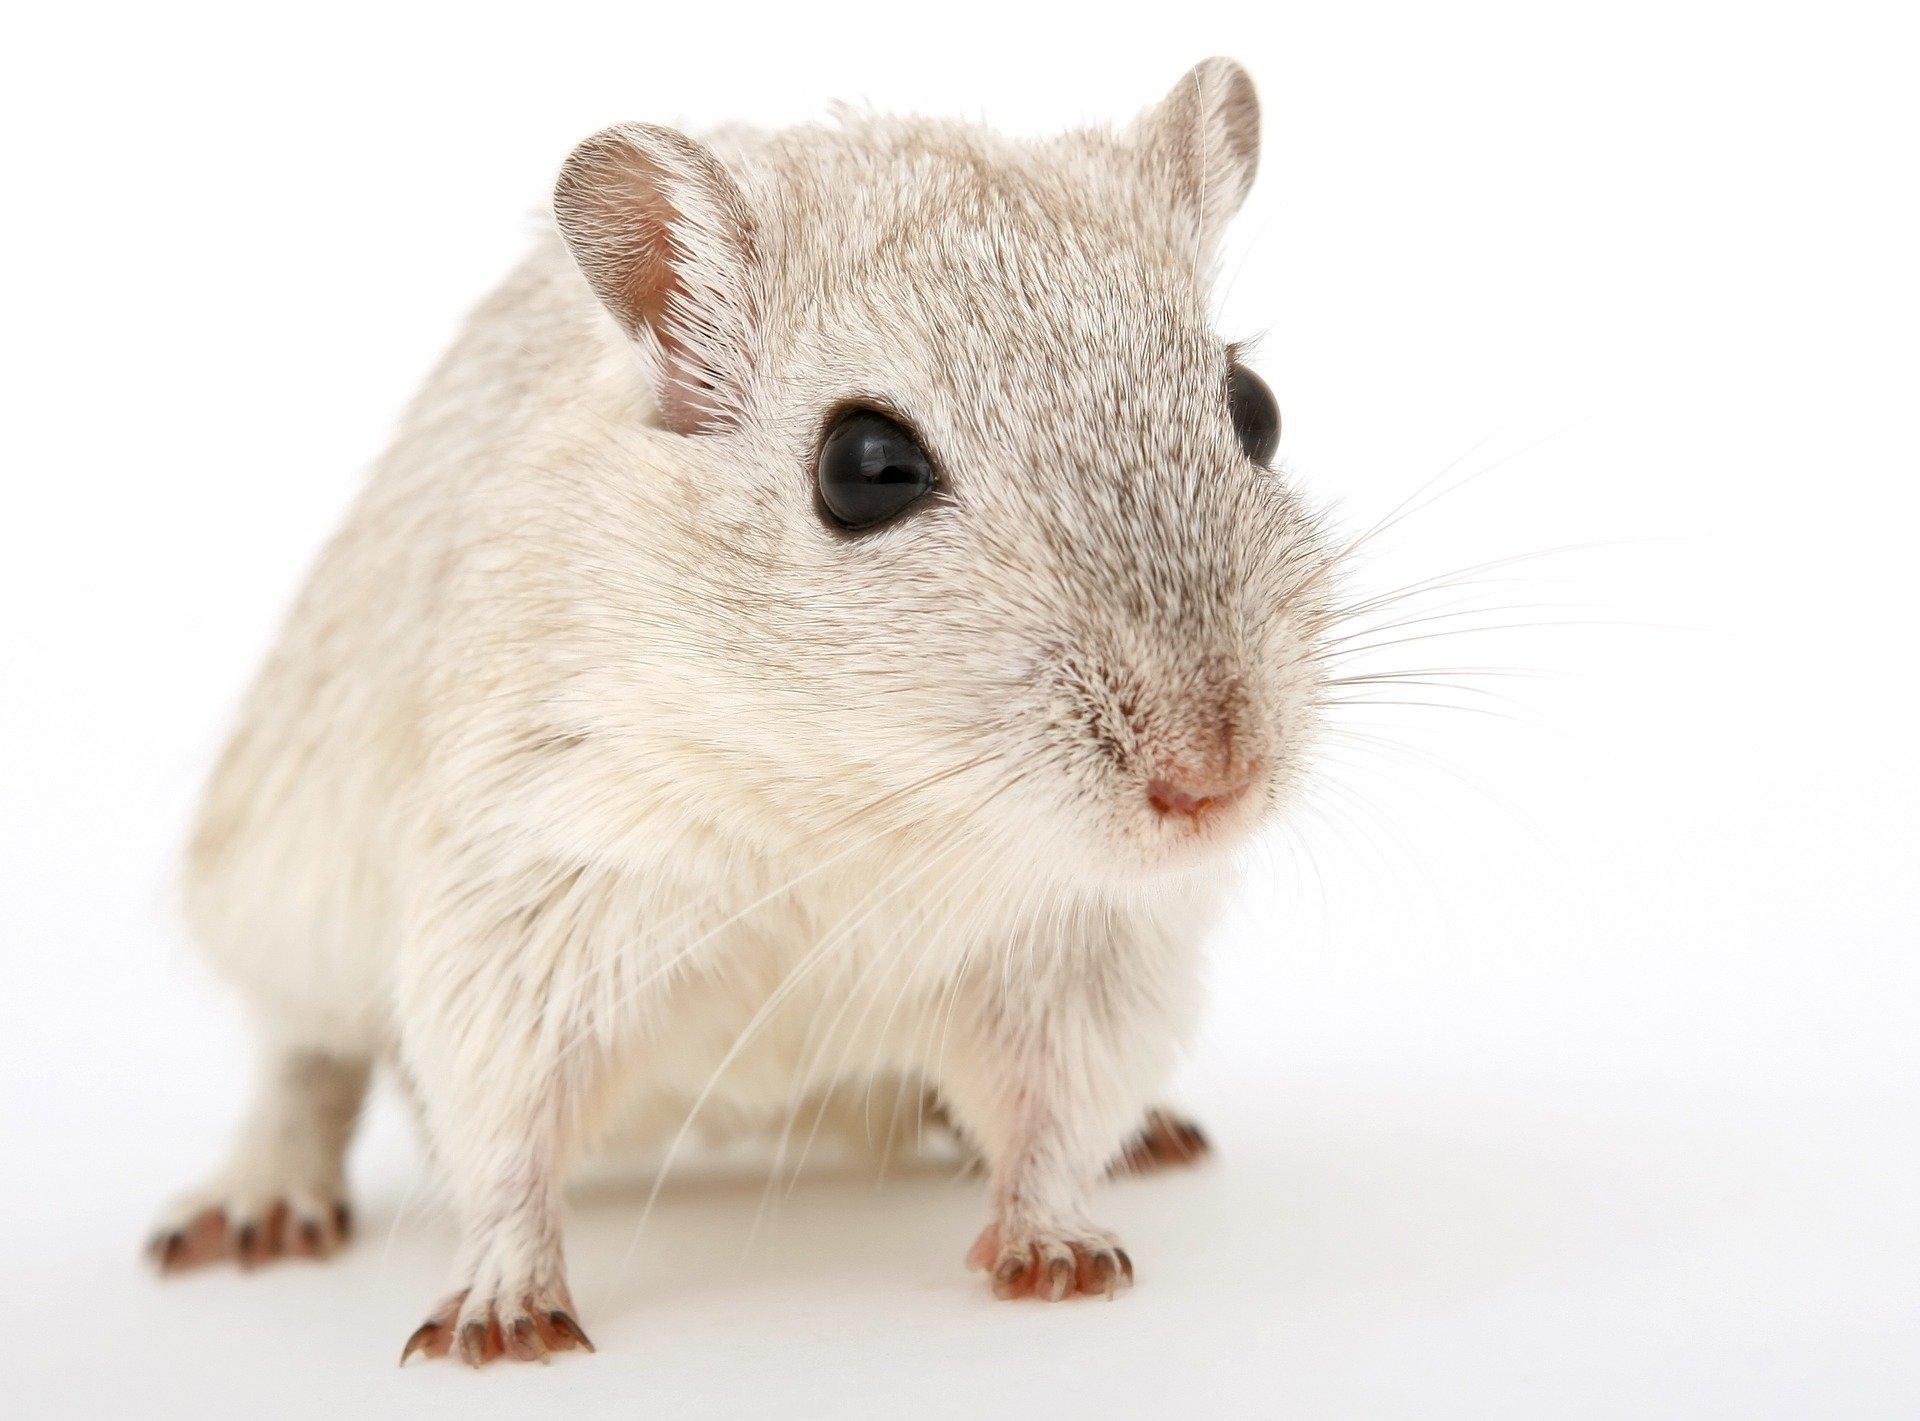 Sind Wissenschaftler, die studieren, die falsche Art von Mäusen?